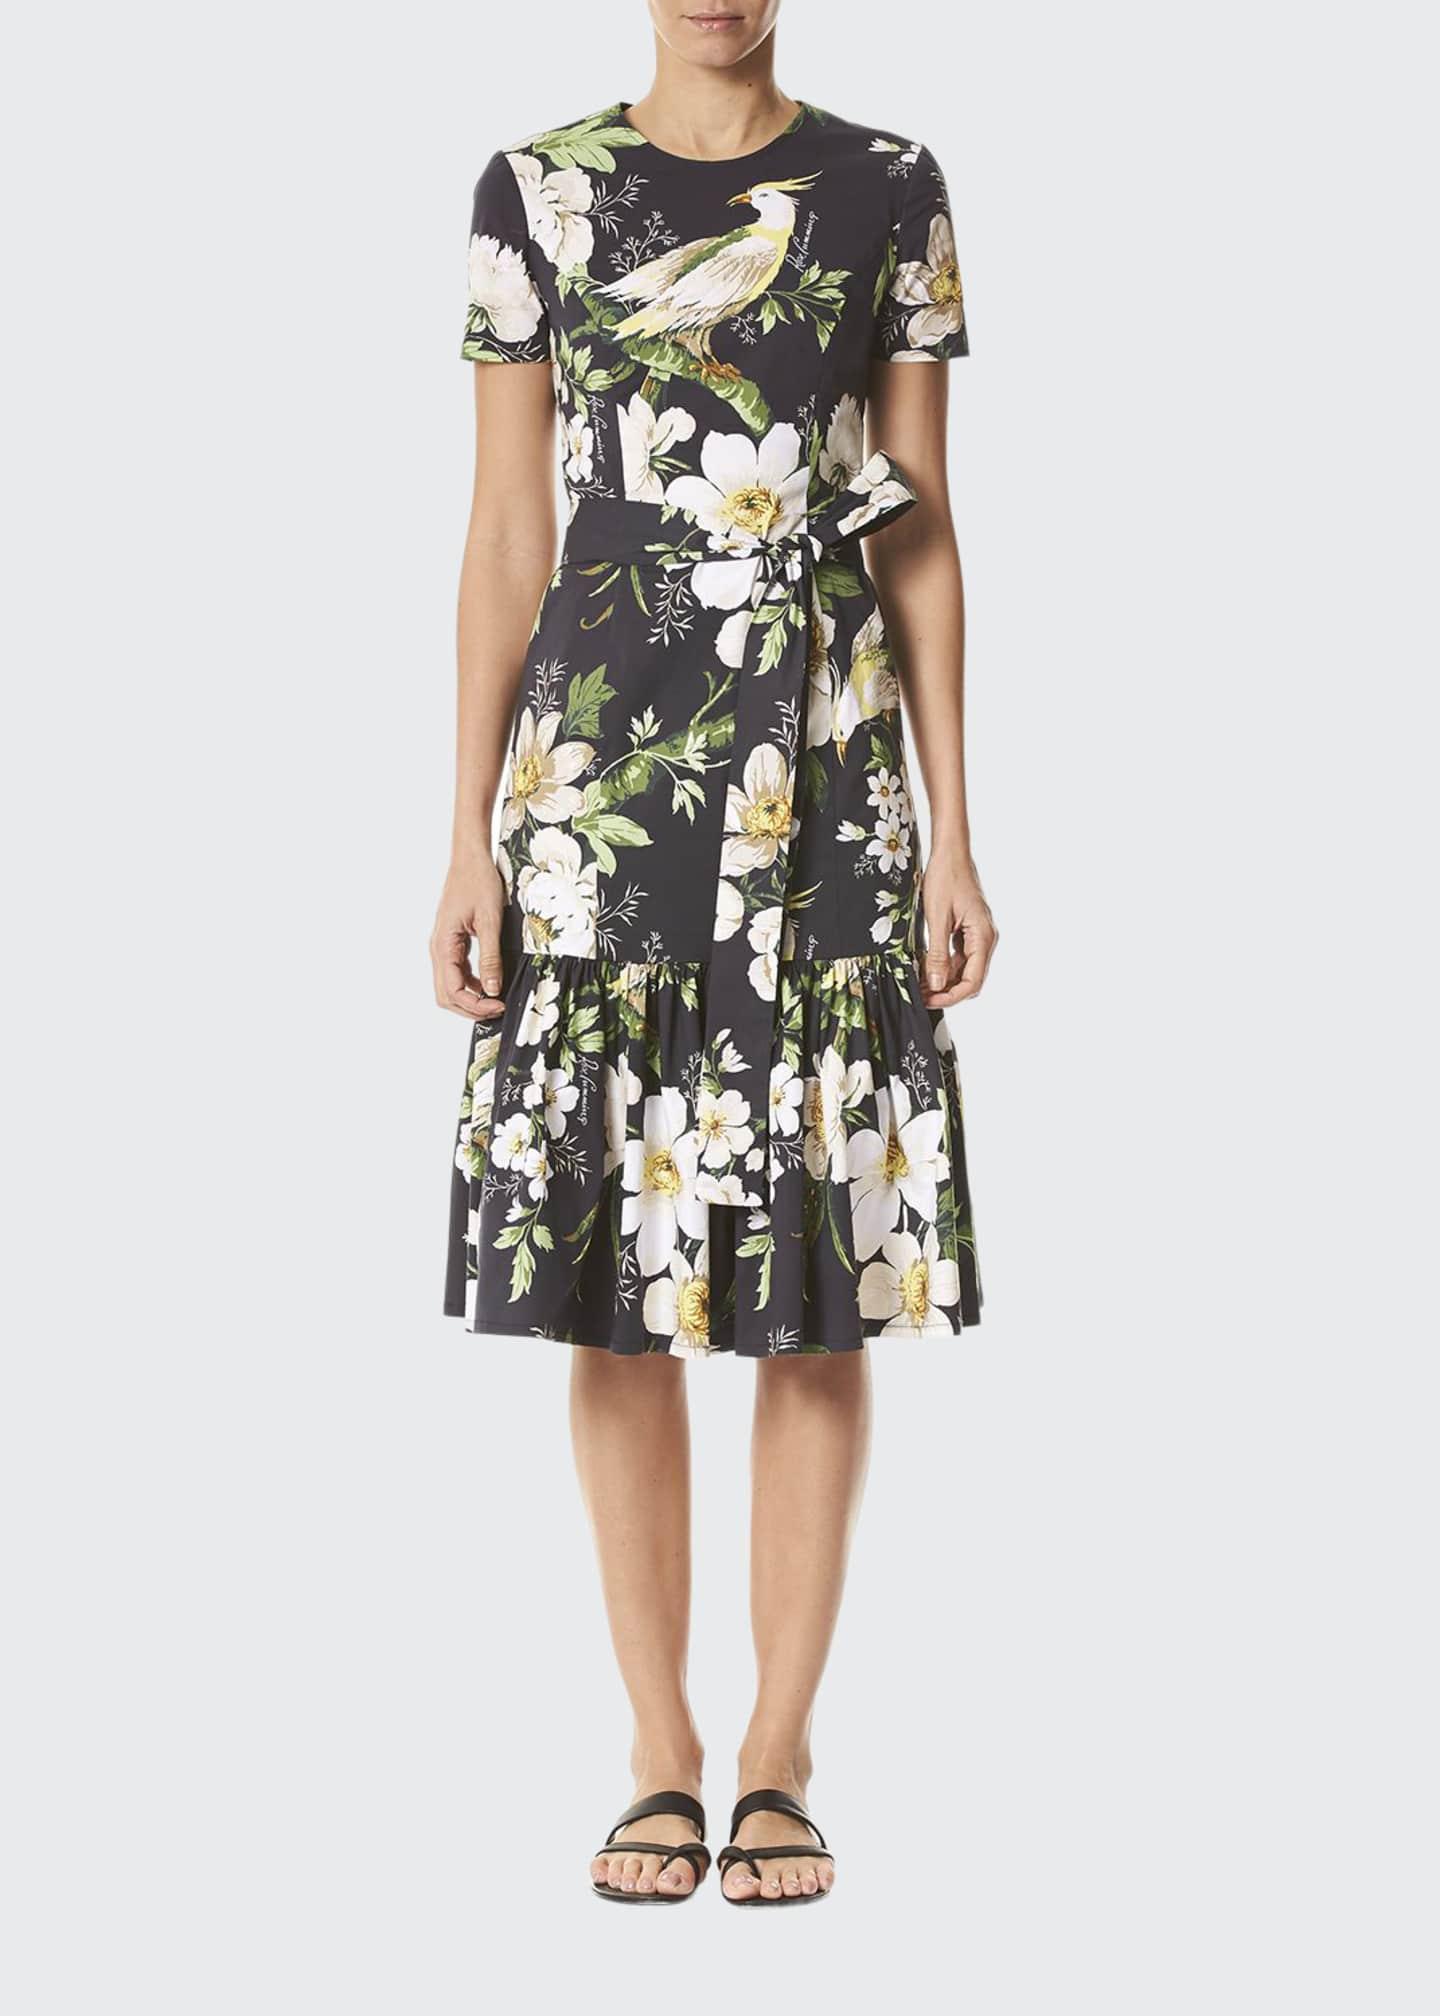 Carolina Herrera Midnight Floral Short Sleeve